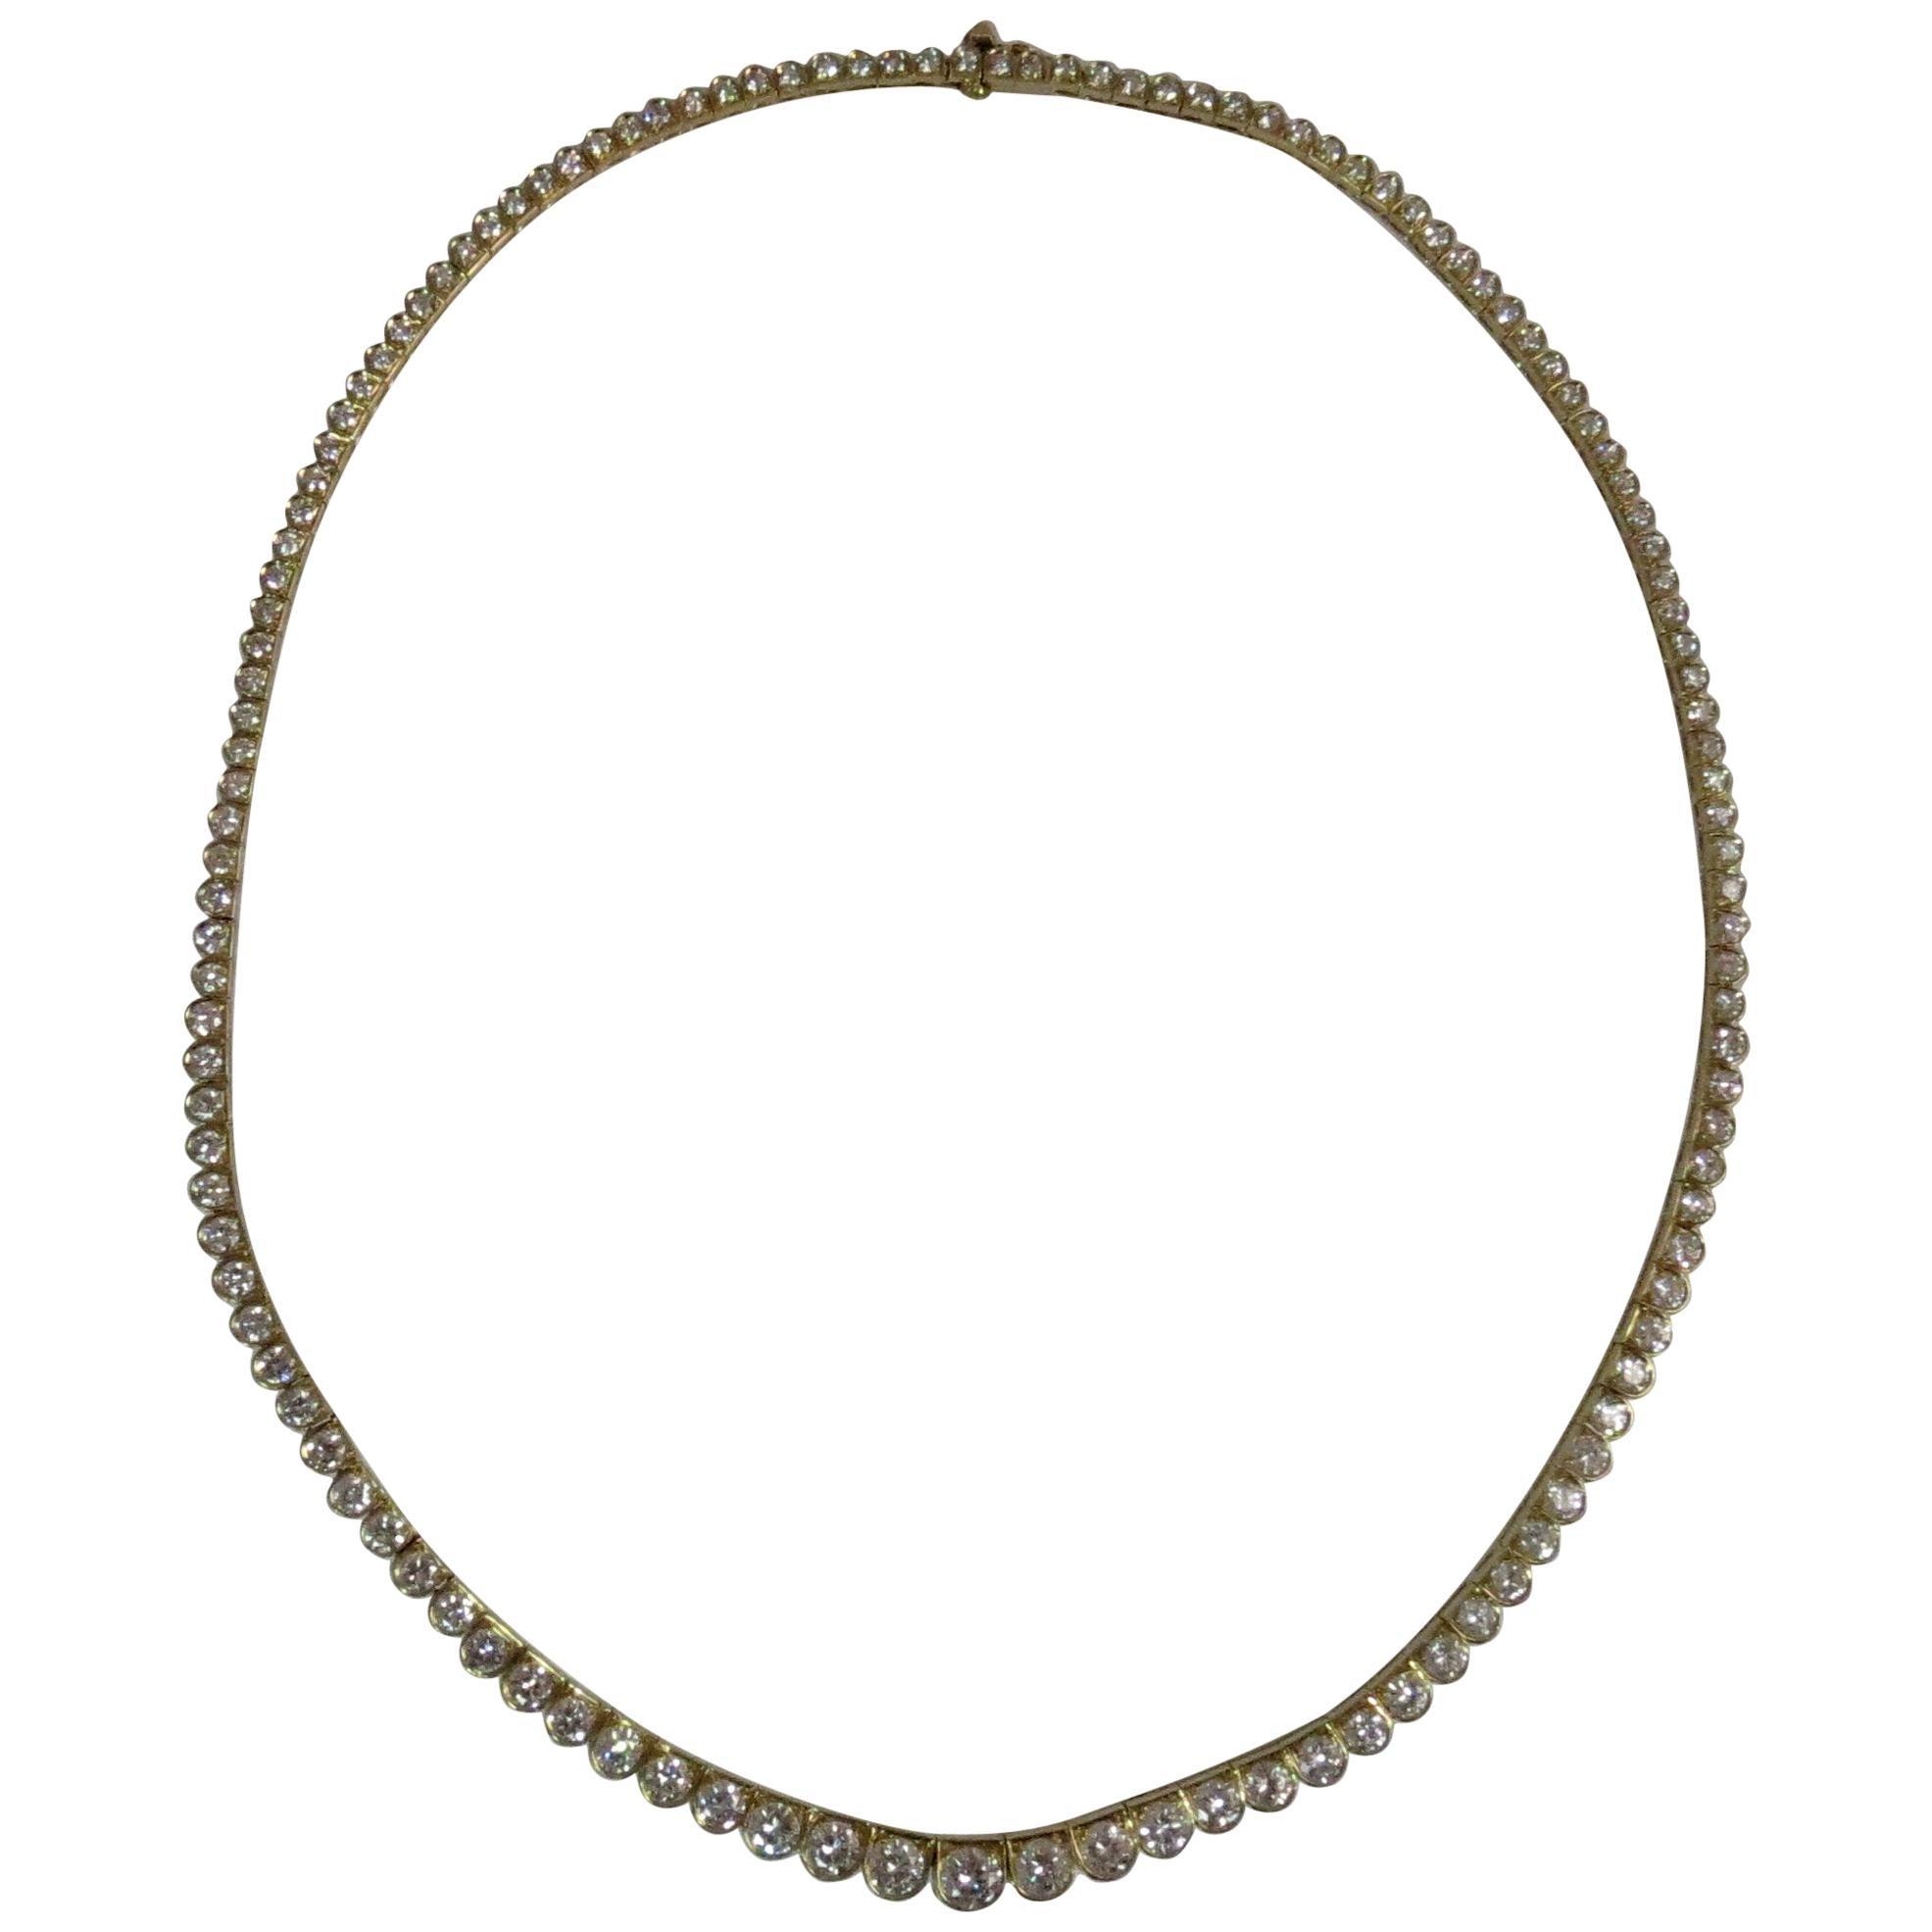 Oscar Heyman 18 Karat Yellow Gold Graduating Prong Set Diamond Necklace